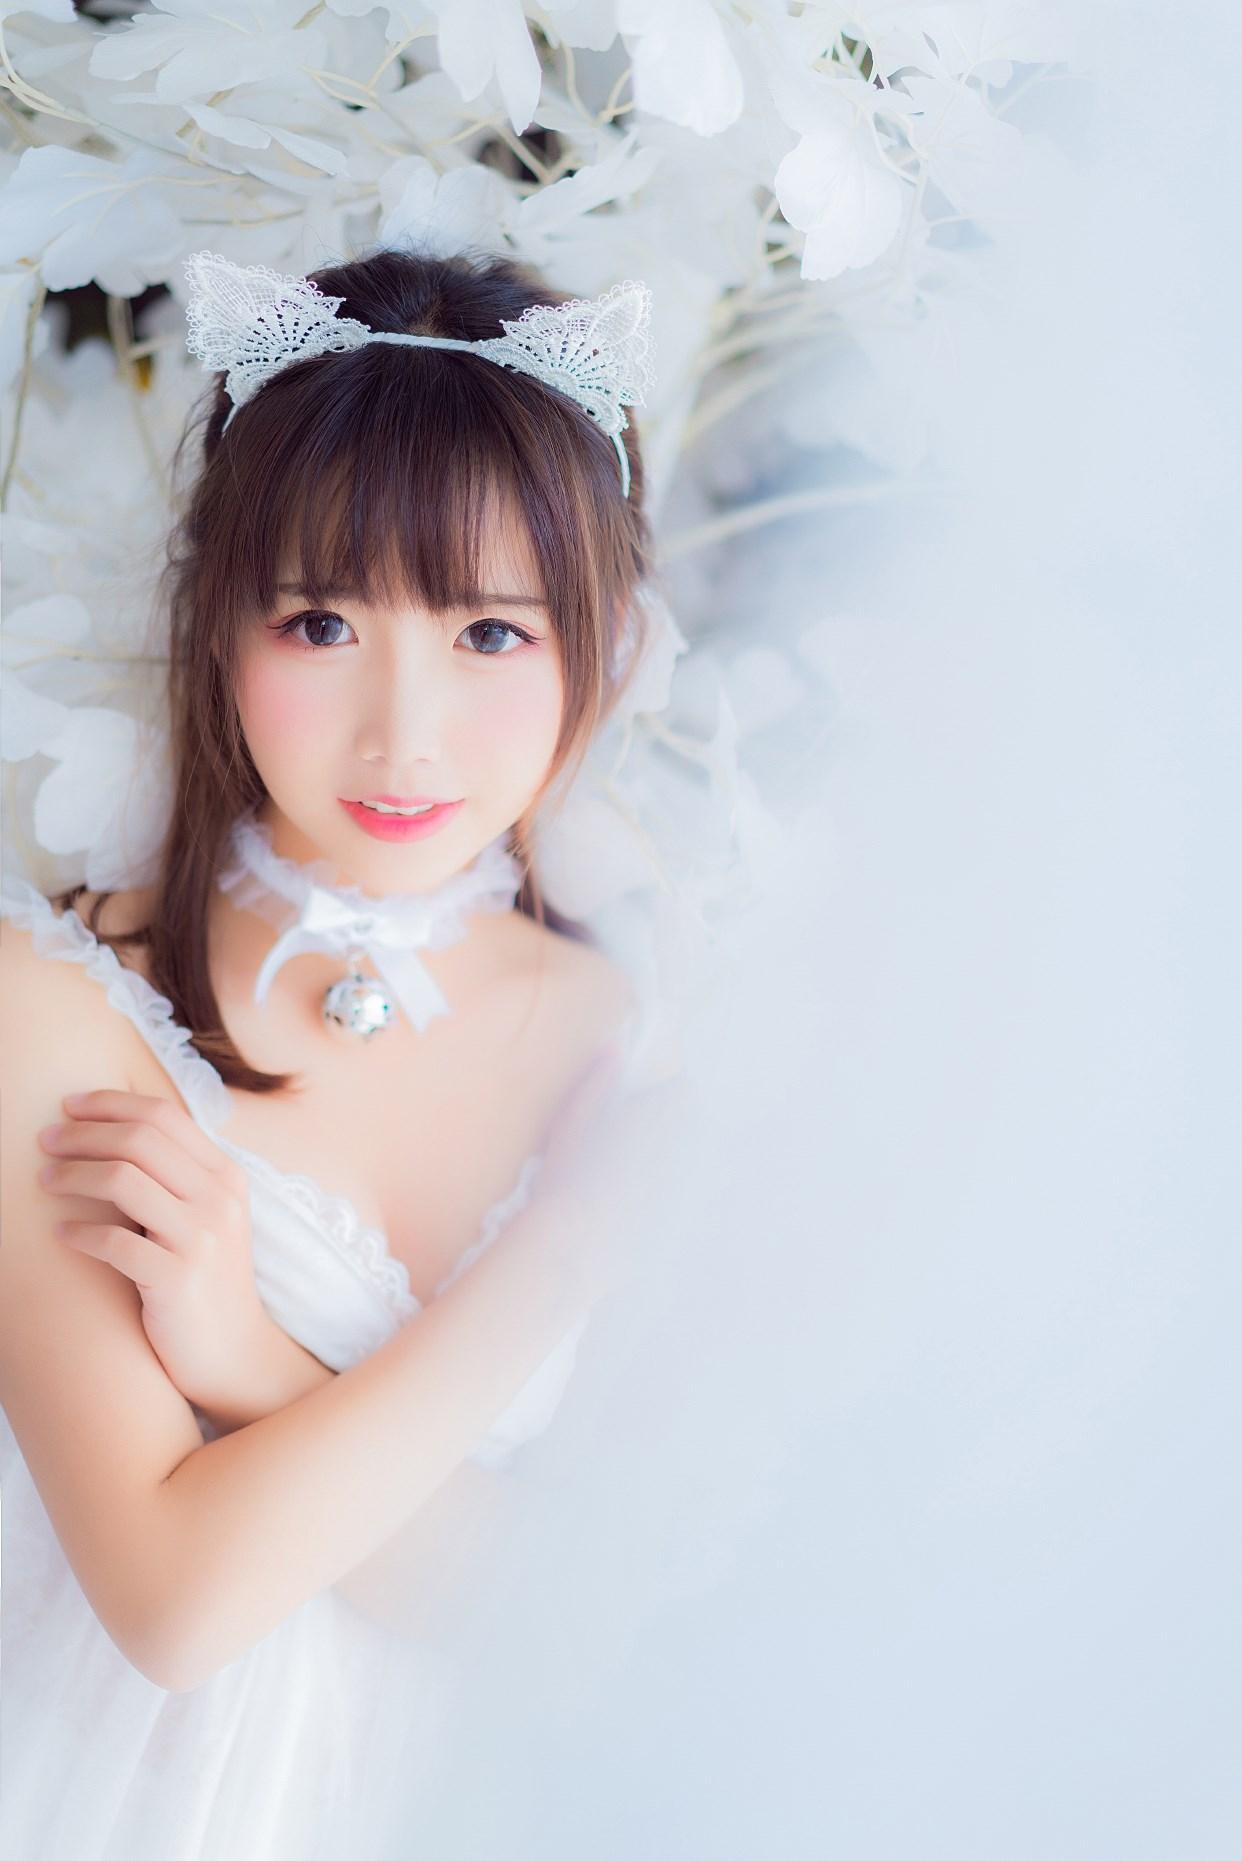 【兔玩映画】vol.12-吊带睡衣 兔玩映画 第49张